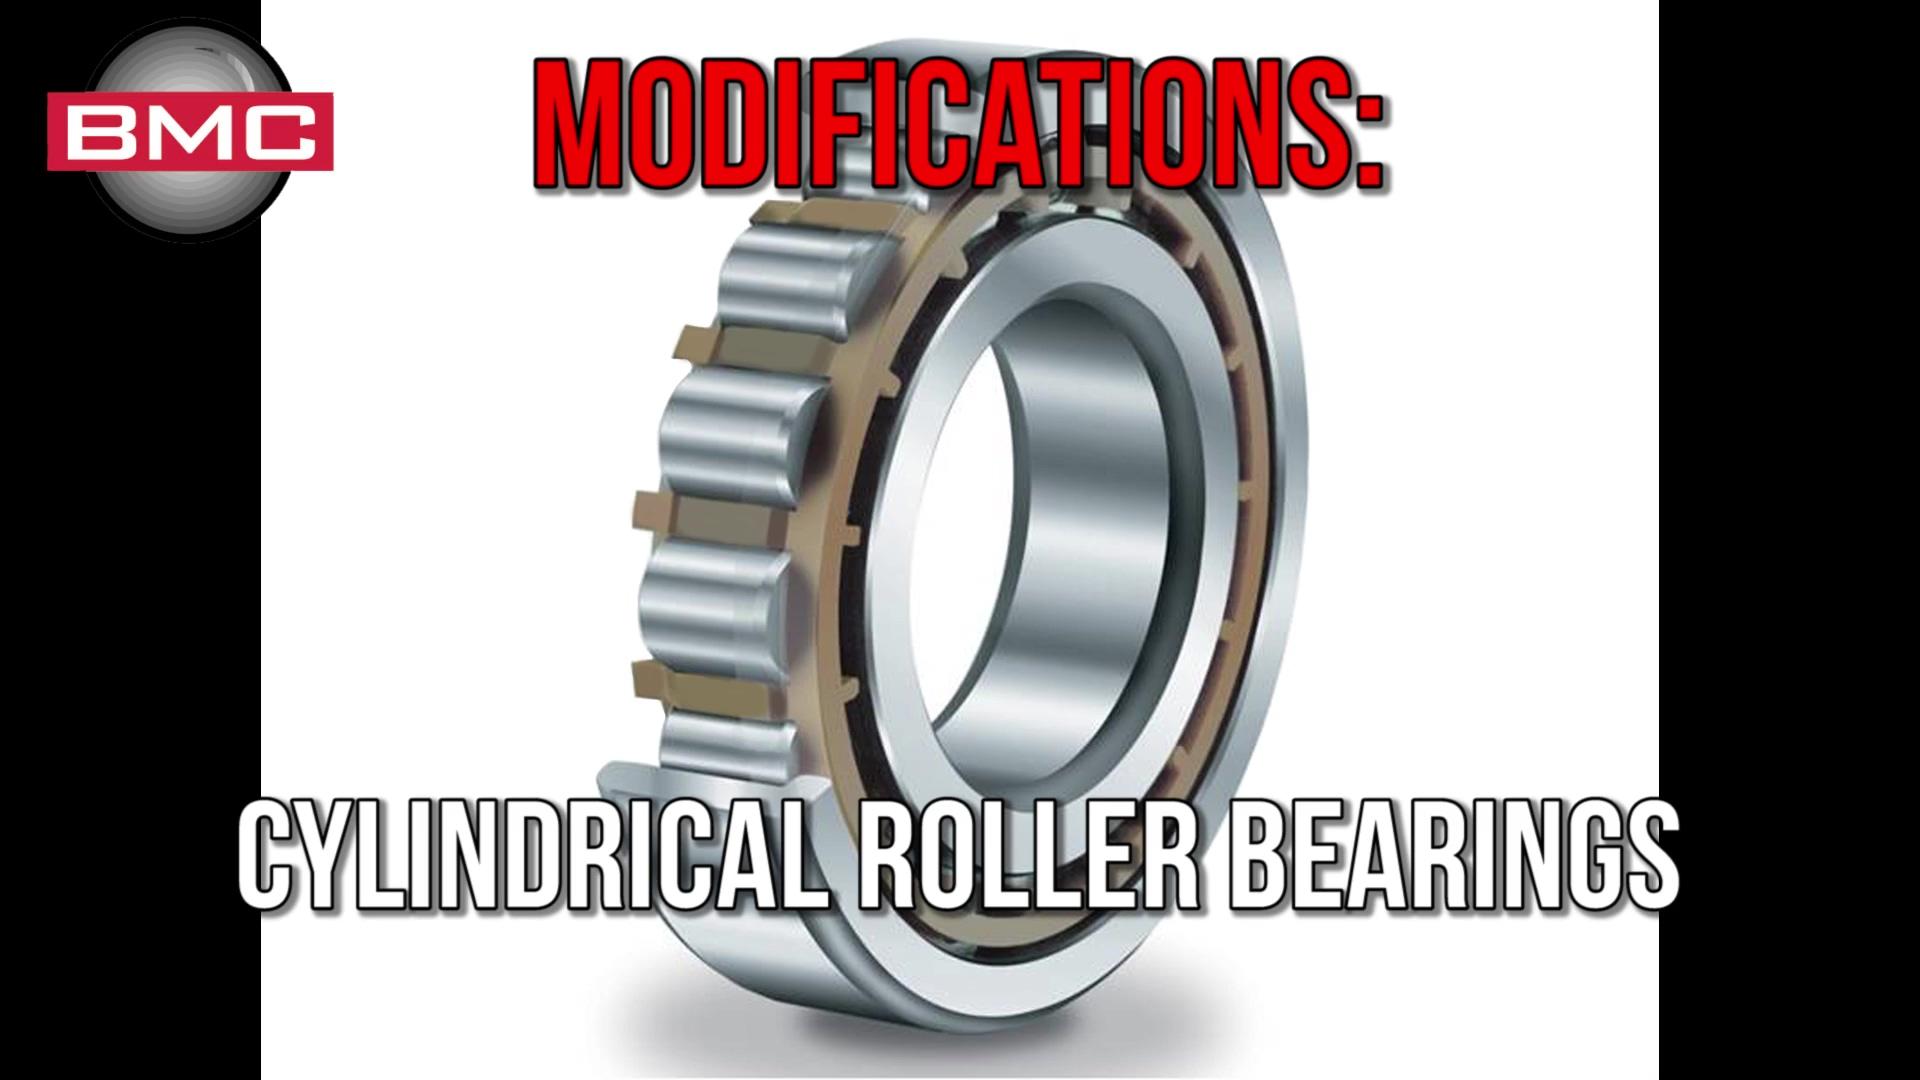 BMC Video - Cylindricals